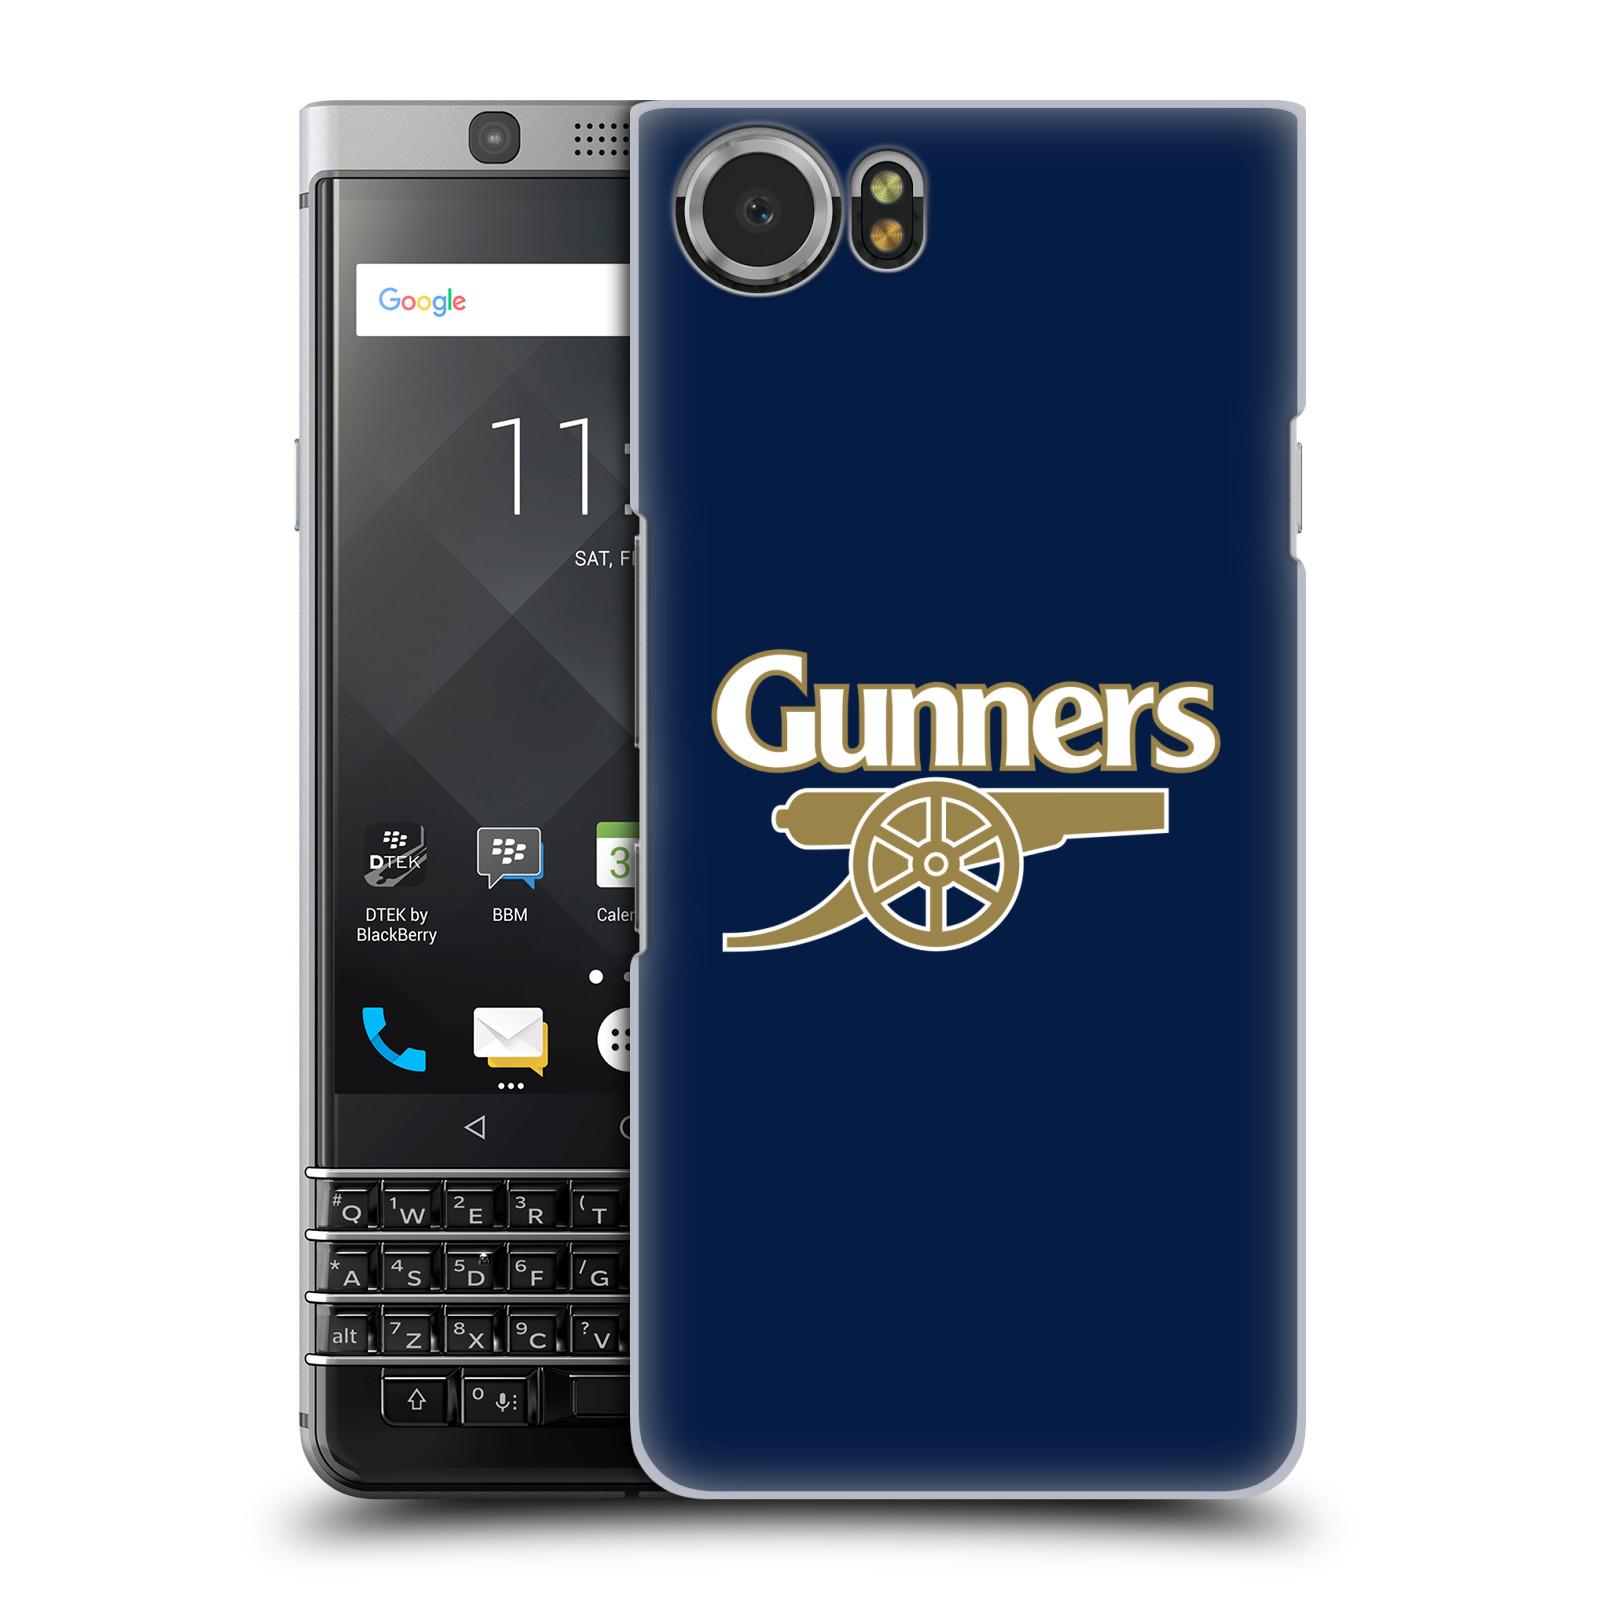 Plastové pouzdro na mobil BlackBerry KEYone - Head Case - Arsenal FC - Gunners